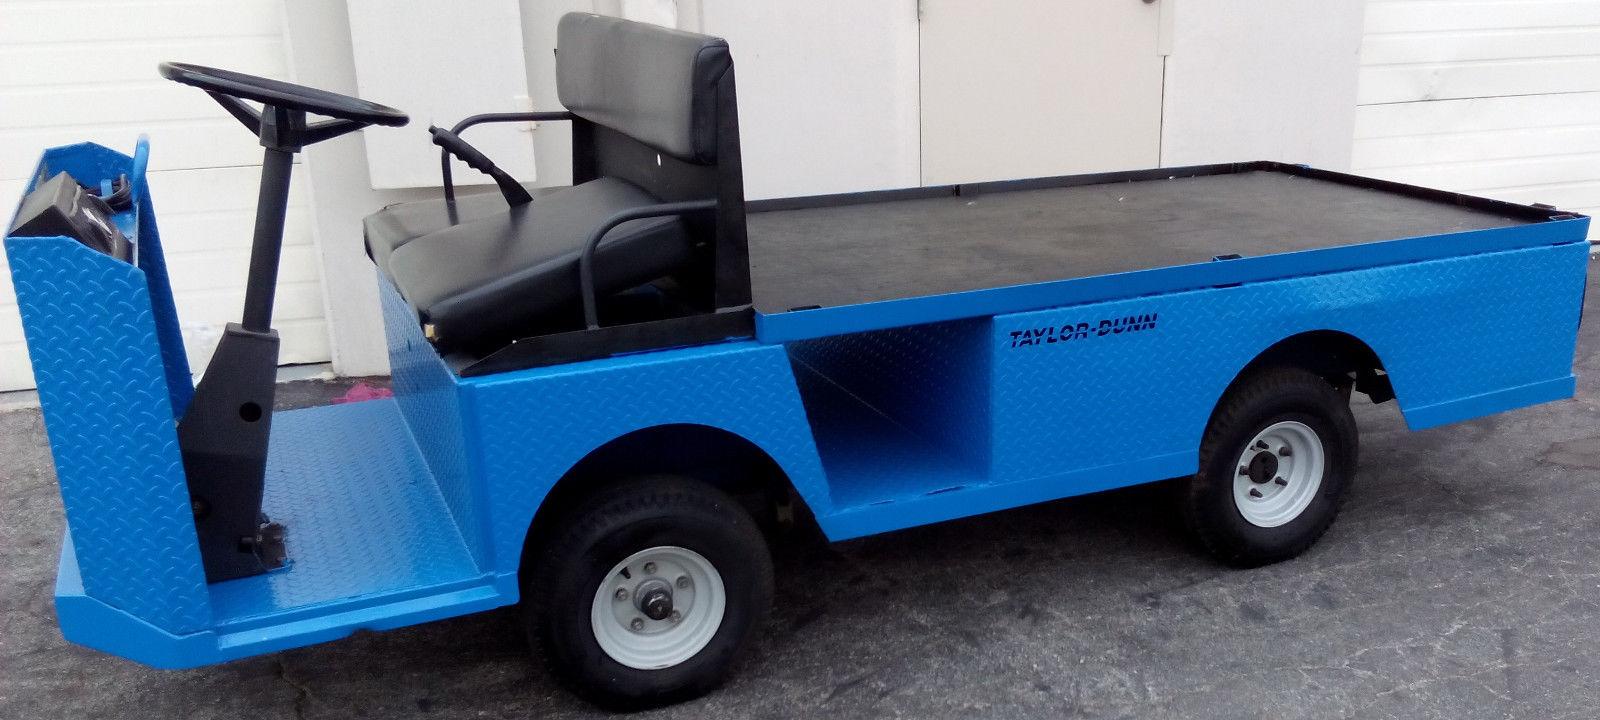 golf cart motor wiring diagram pool motor wiring diagram